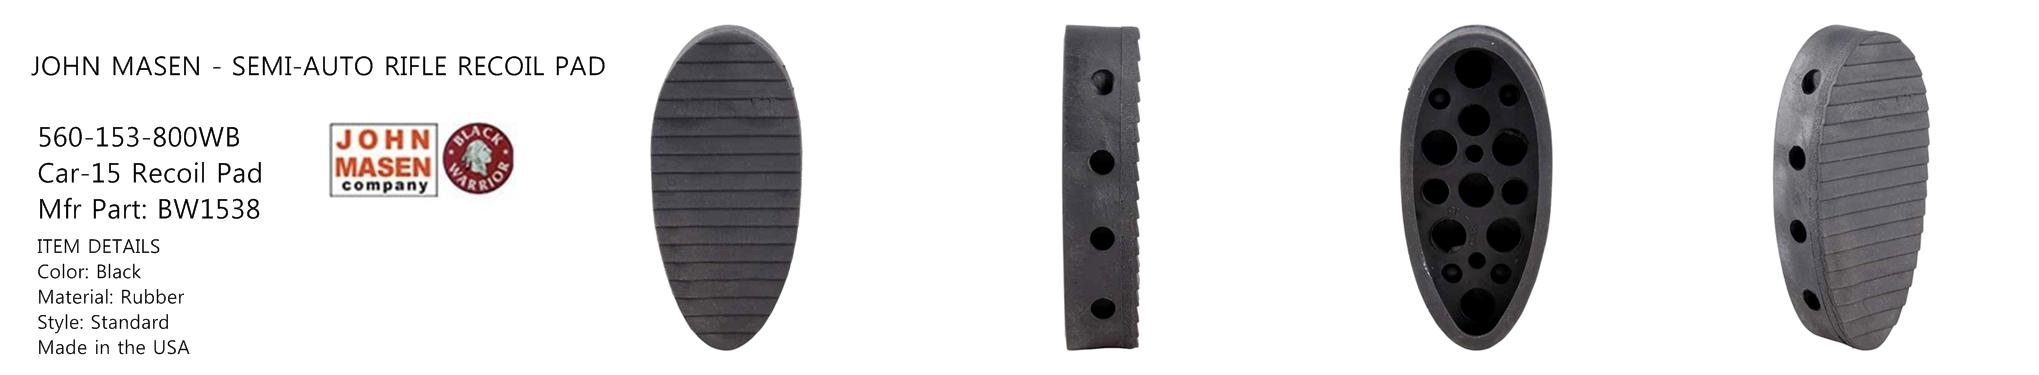 3-1 実物 Knight's Armament M4 Carbine Buttstock QD 0-1 Sling Mount Kit & JOHN MASEN DELTA PAD & REMAKE M733 COMMANDOS STOCK!! DIY NOVESKE PIG!! KAC ナイツ QD デルタパッド!! 購入 取付 カスタム レビュー